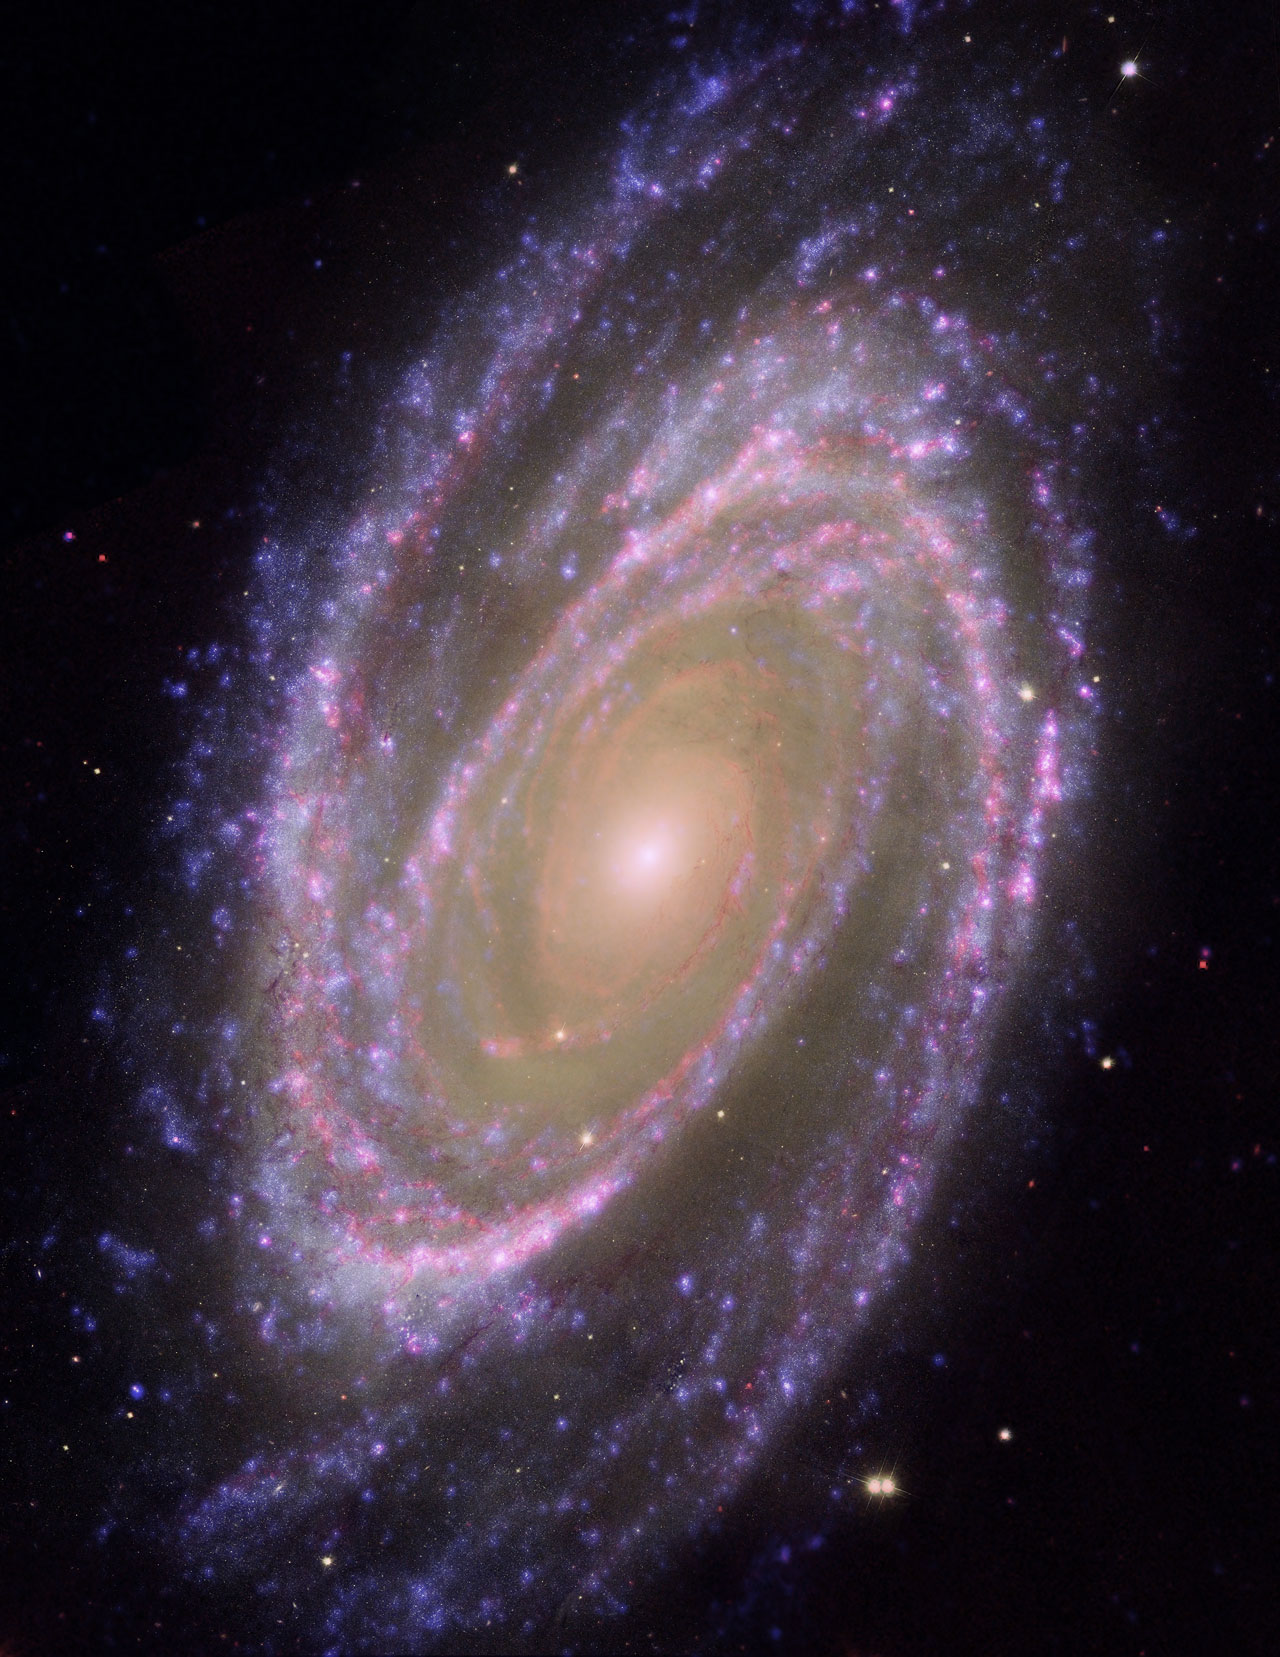 Hubble/GALEX/Spitzer Composite Image of M81 | ESA/Hubble